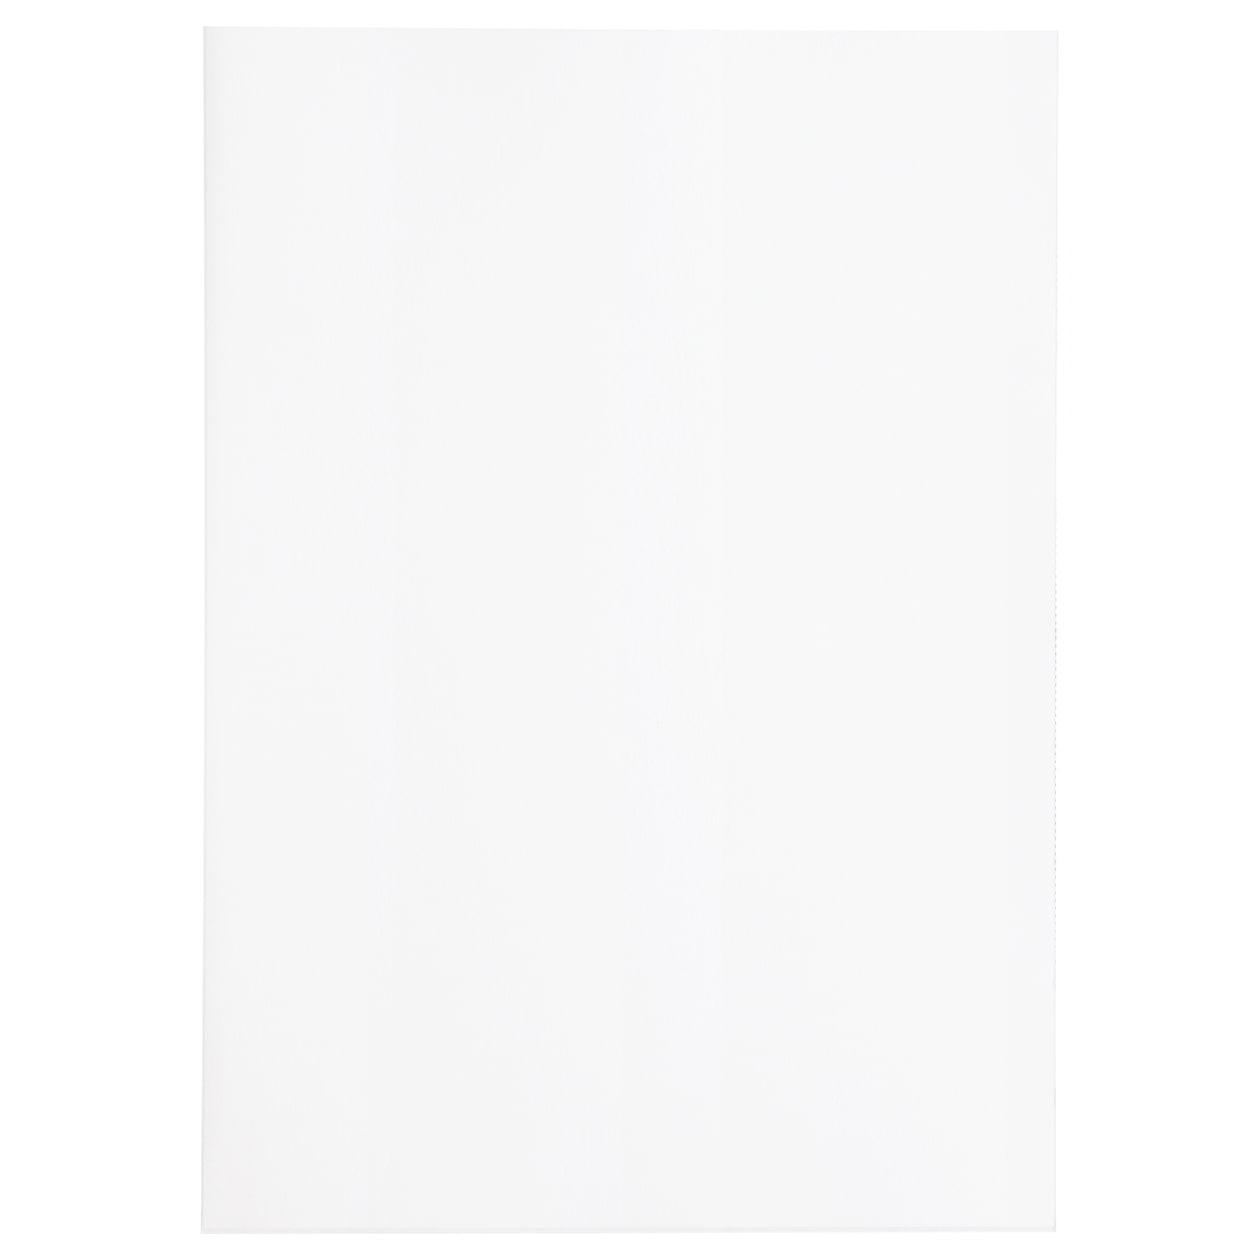 A4ファイル Basic プレインホワイト 100g